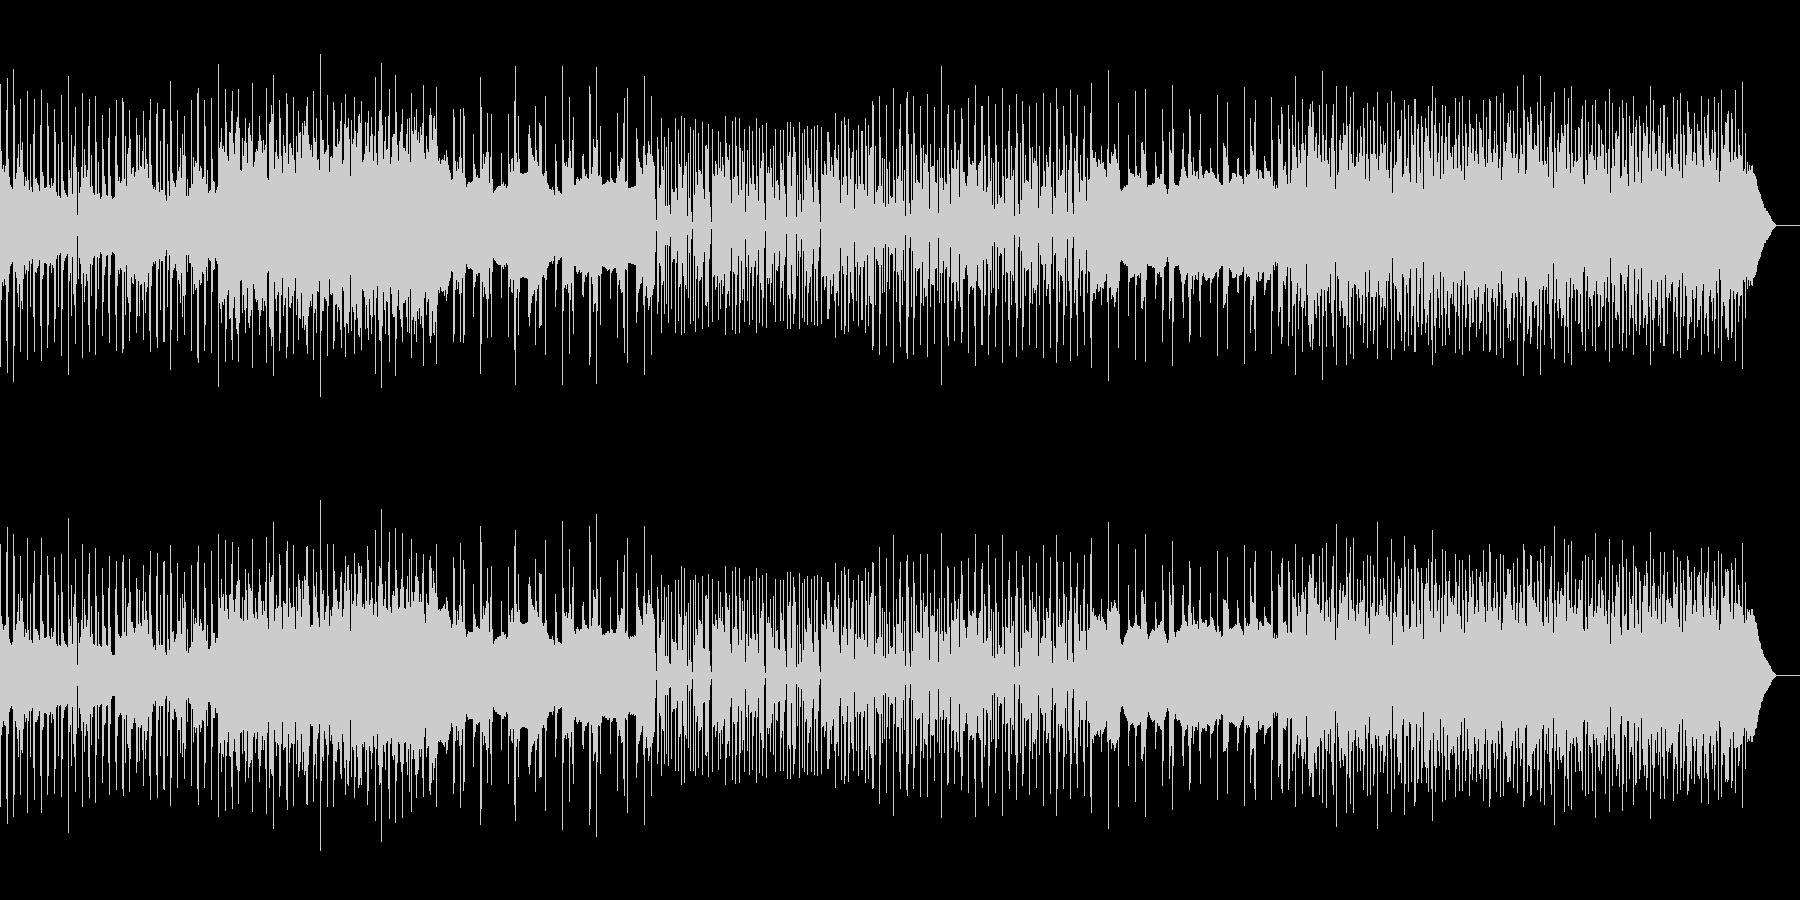 スラップベースとドラムでノリのいいBGMの未再生の波形